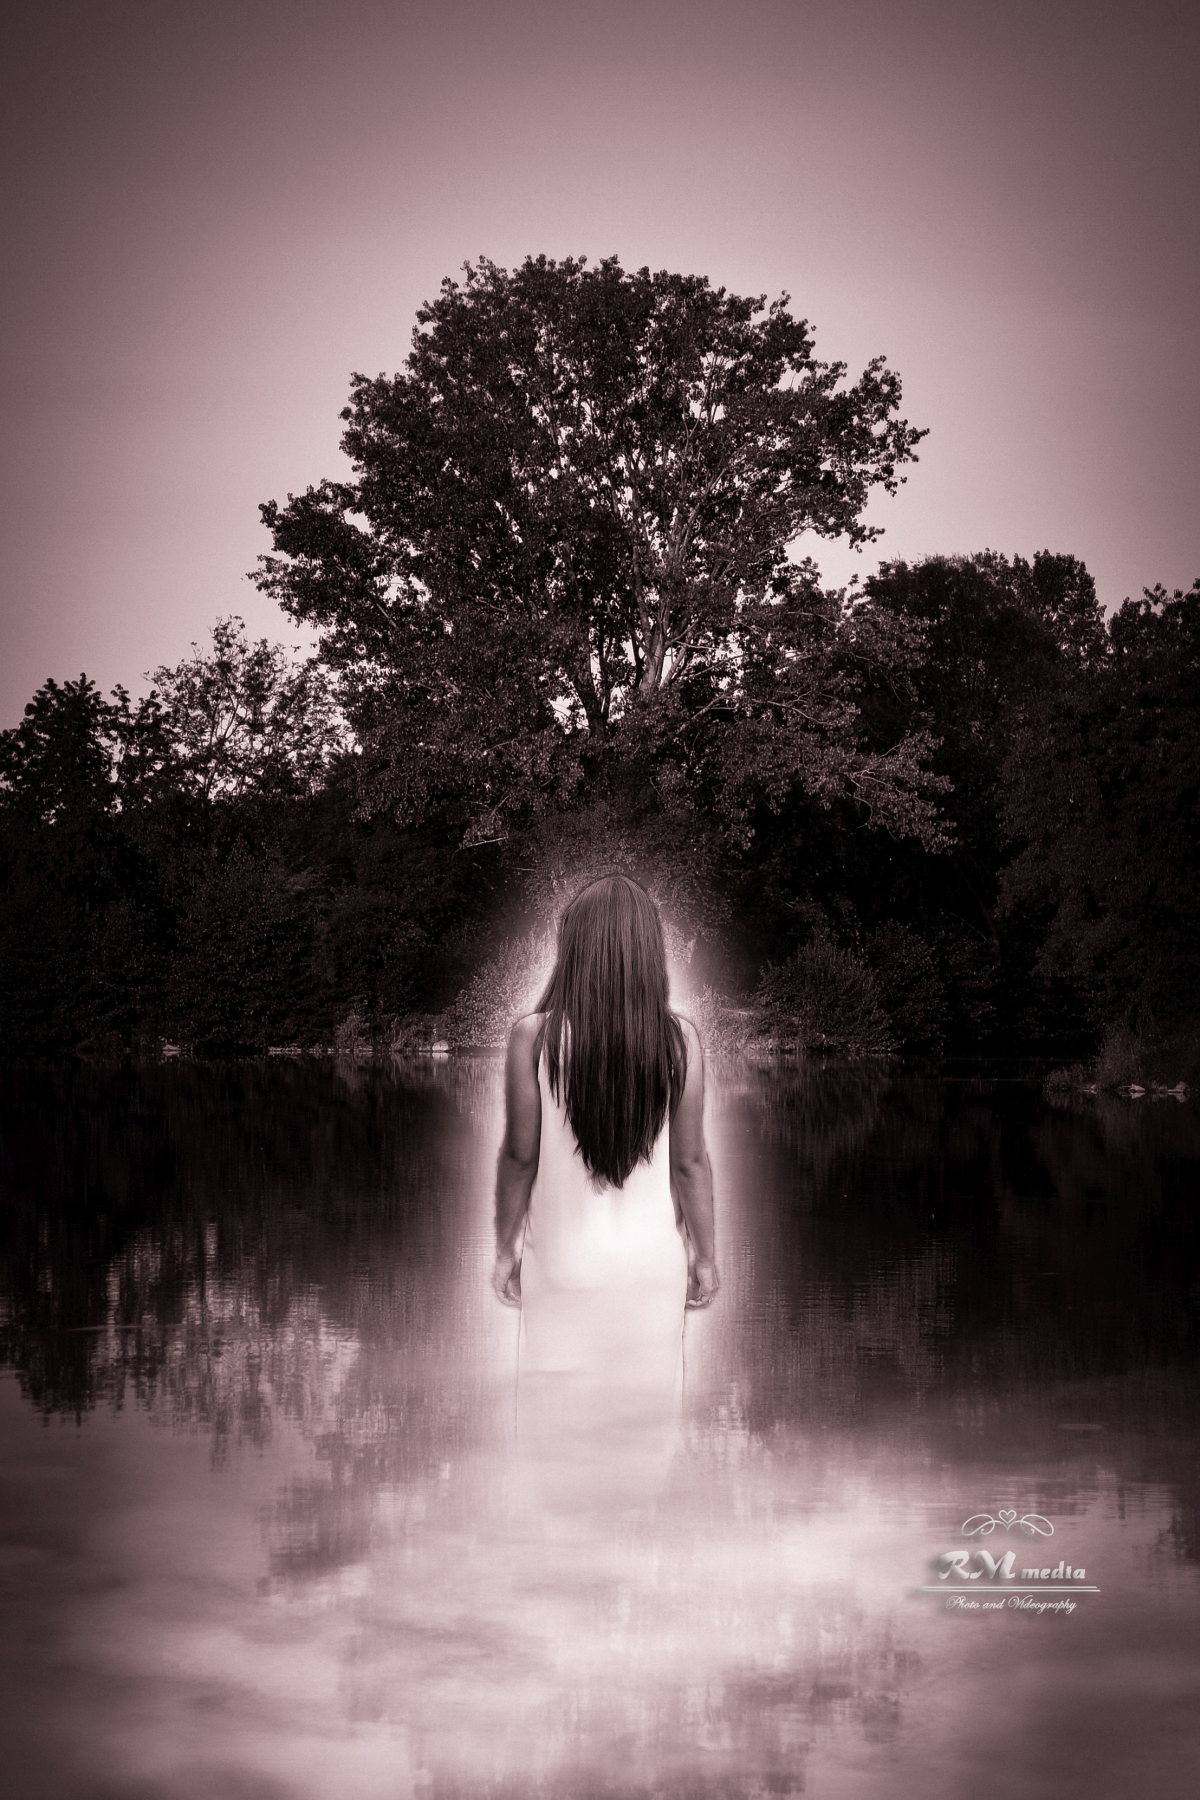 fog-psd-jpg-2